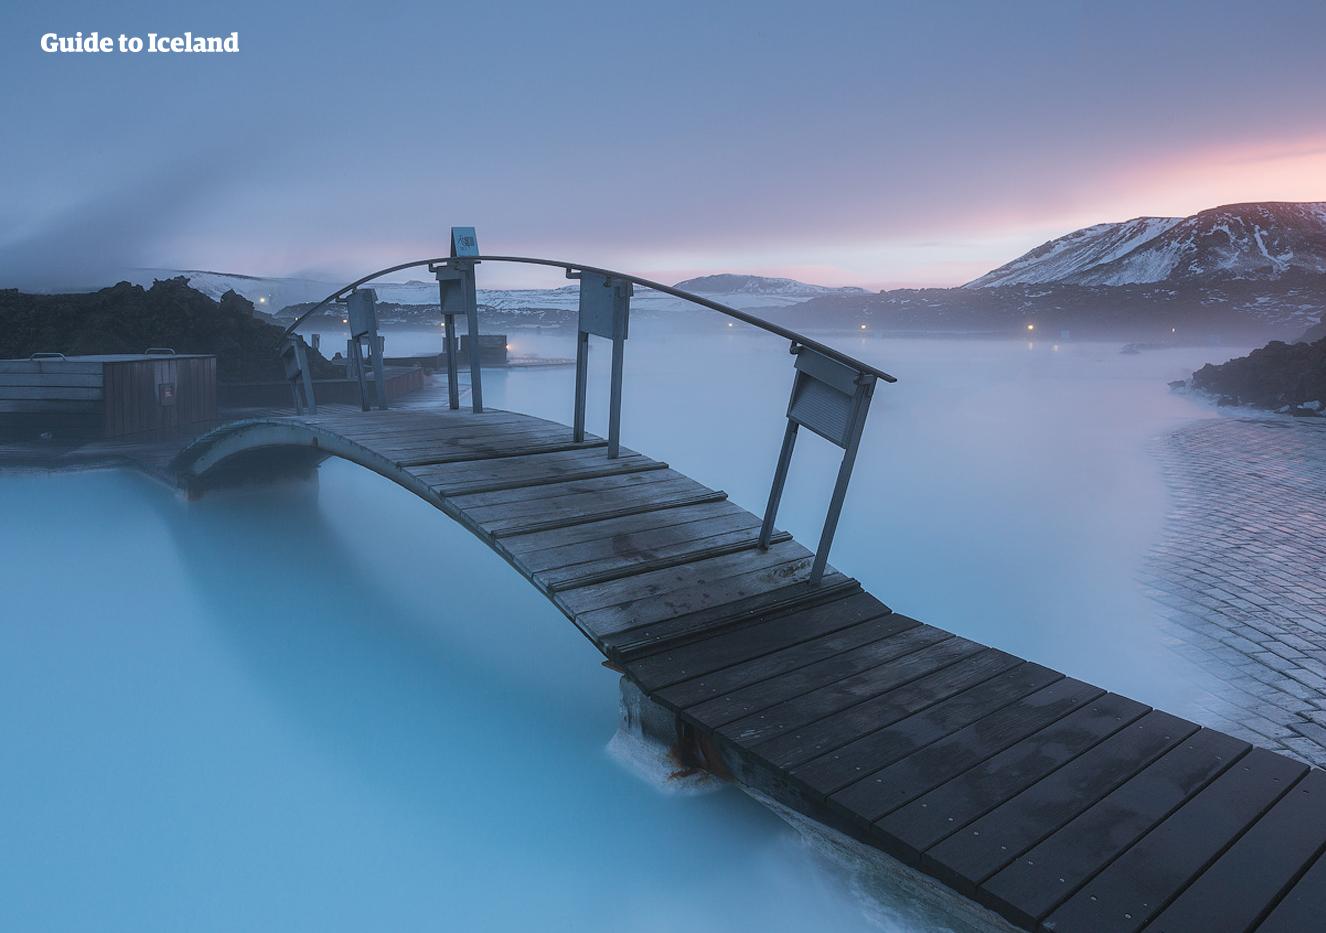 在乘飞机离境冰岛前,您可以先去雷克亚内斯半岛上的蓝湖温泉彻底放松身心,为长途飞行做好准备